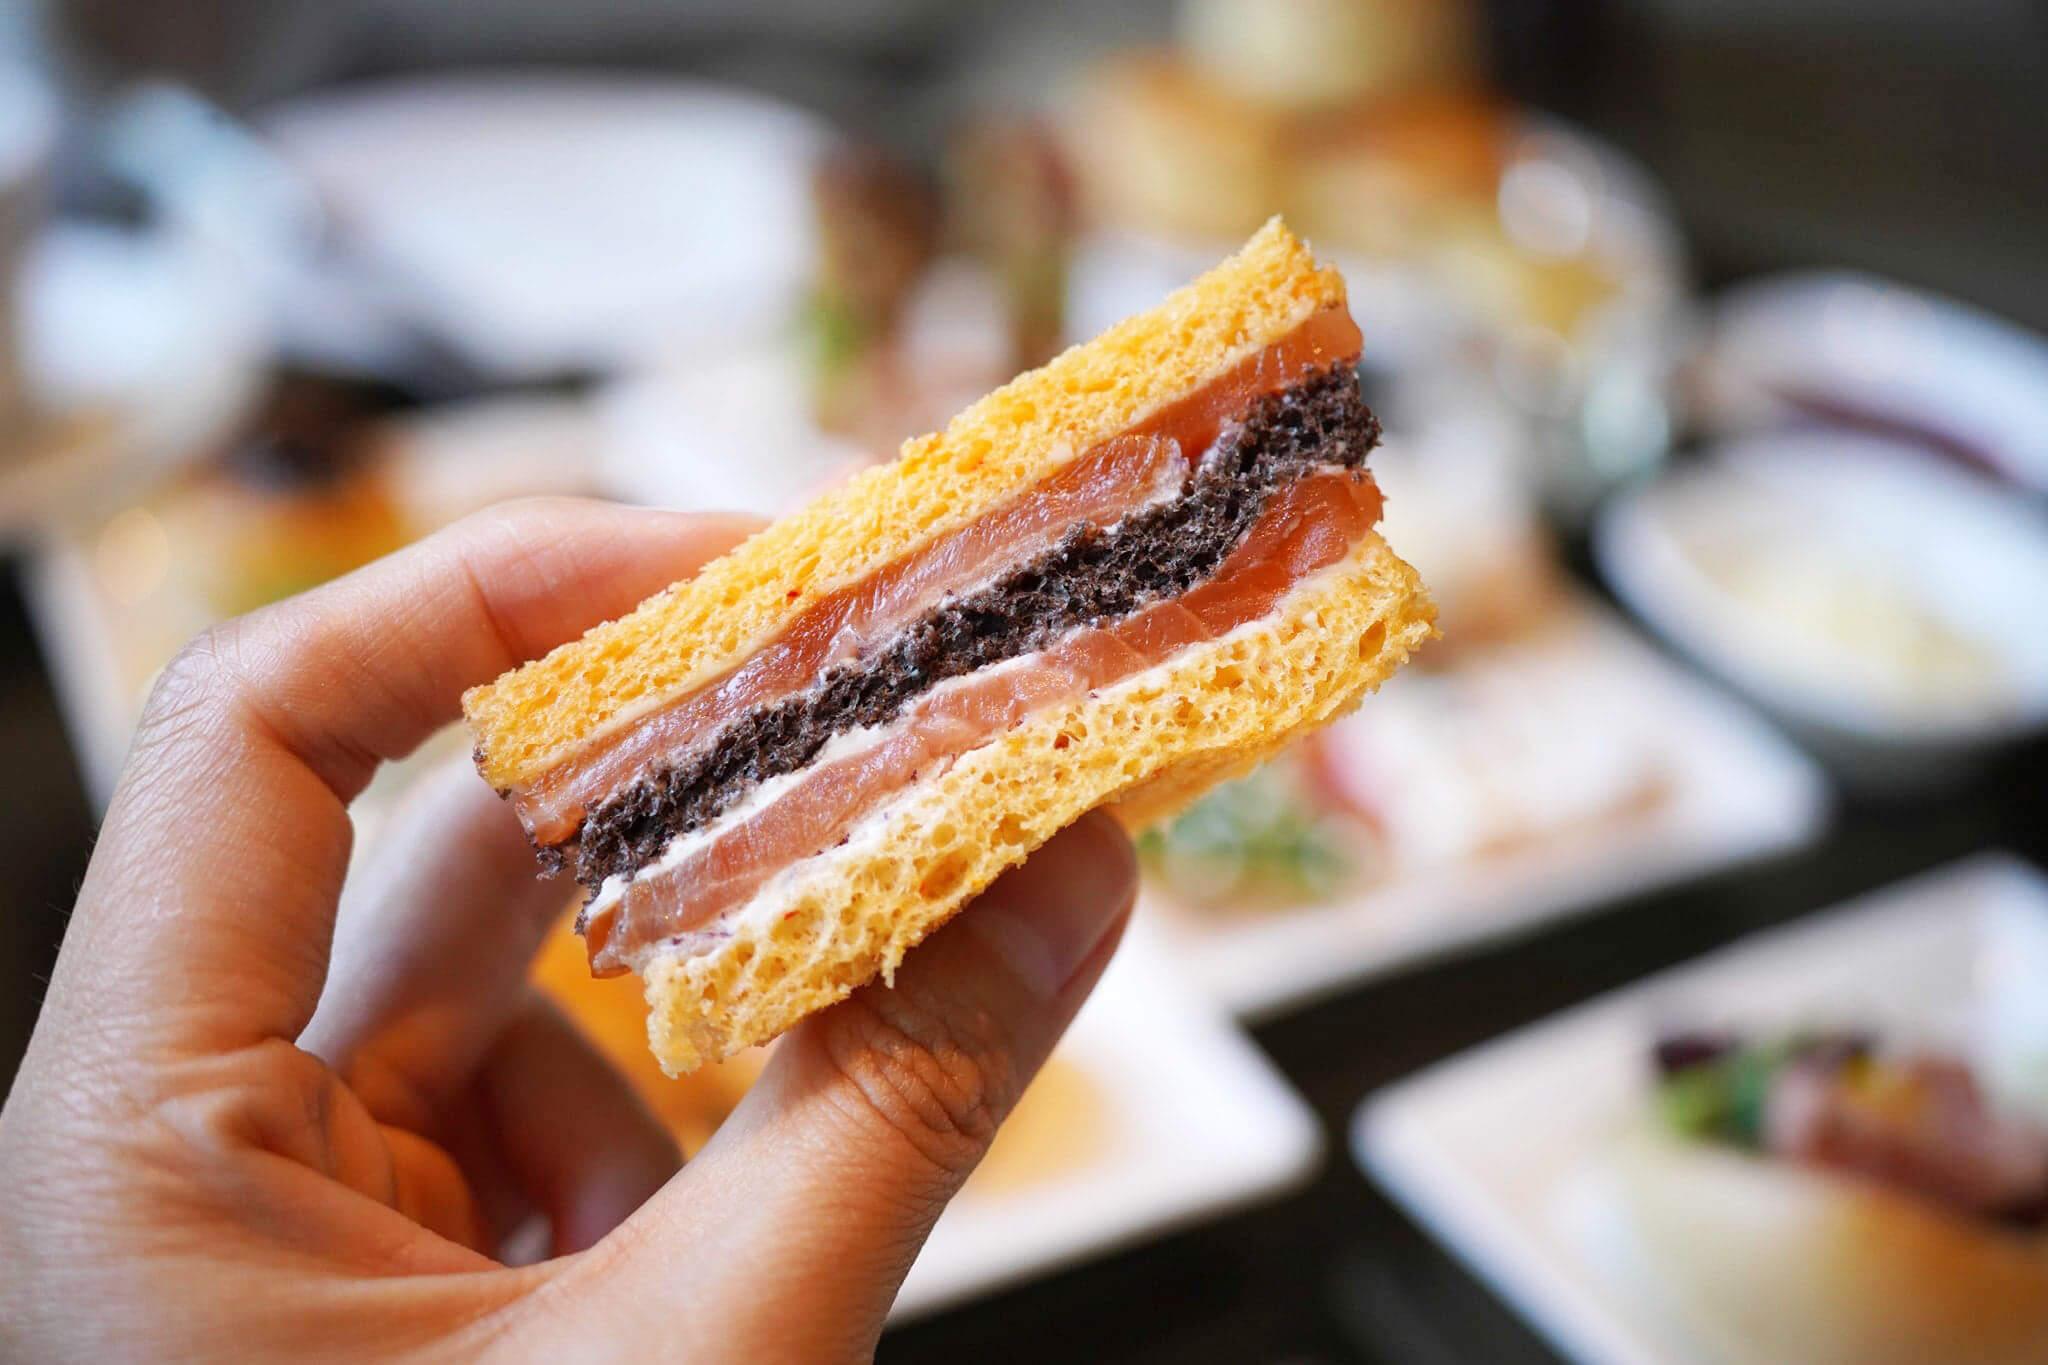 火雞三文治幾得意,有紅桑莓忌廉醬,鹹鹹甜甜,幾開胃。